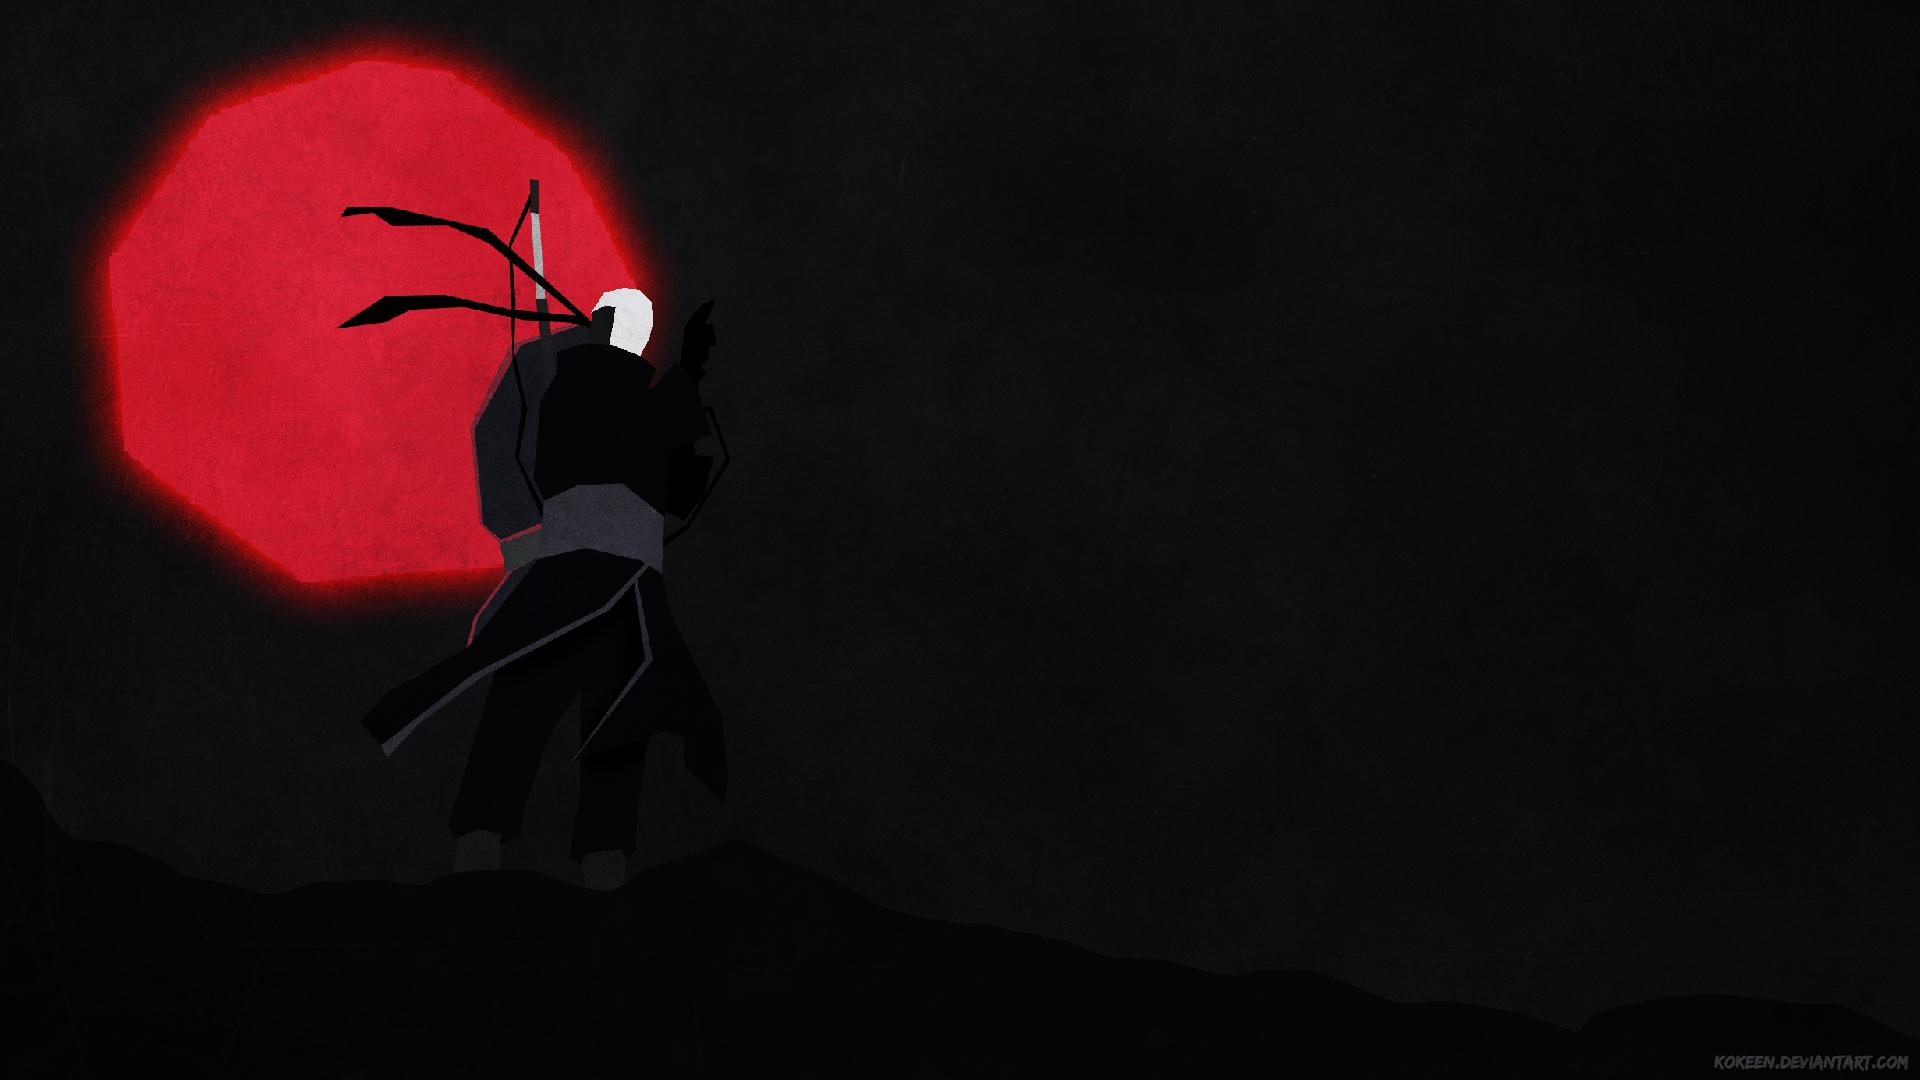 Naruto Wallpaper I made Naruto